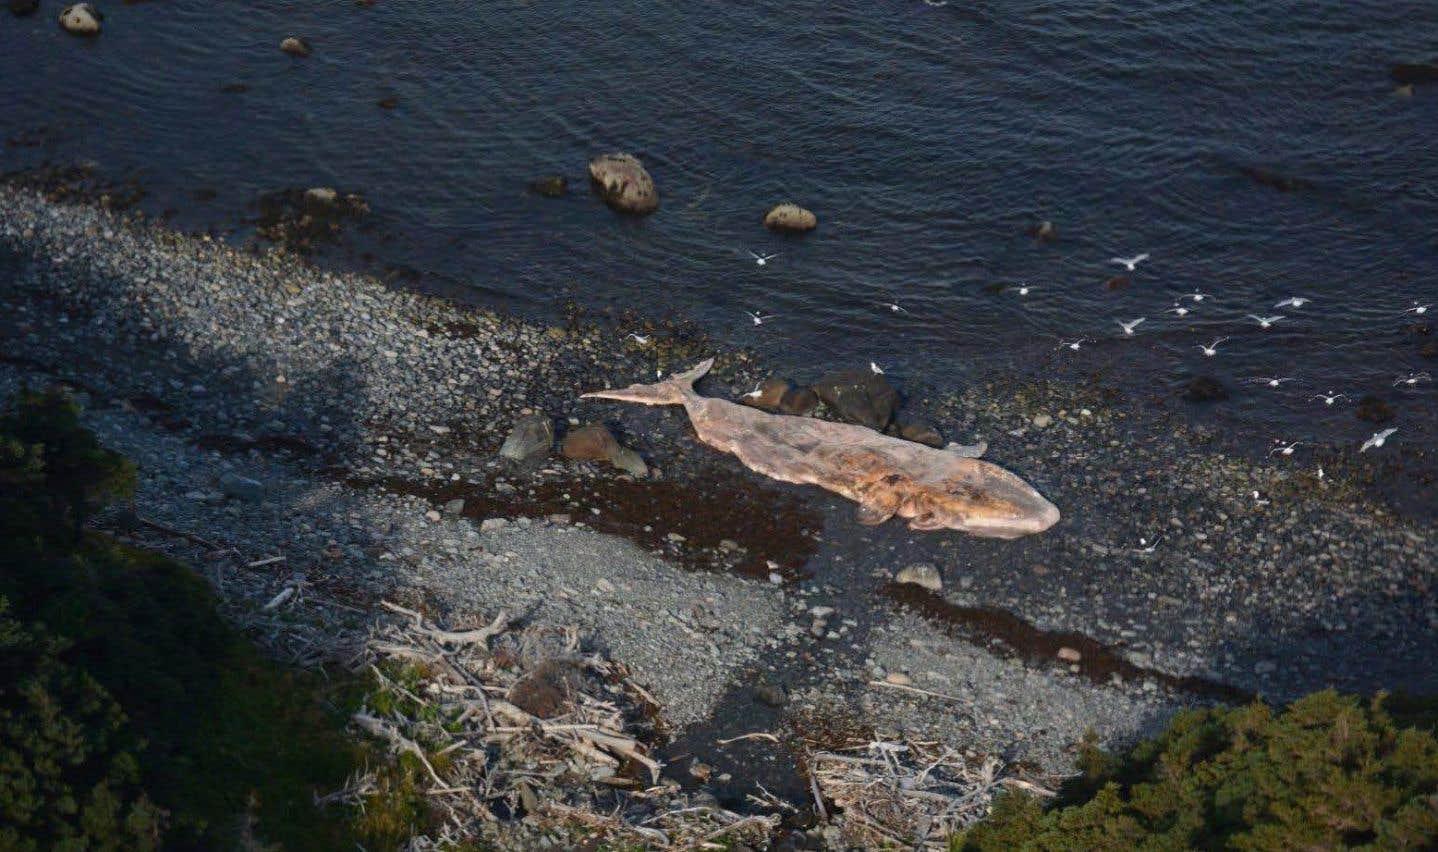 Une «catastrophe» menace la population de baleines noires, selon des experts